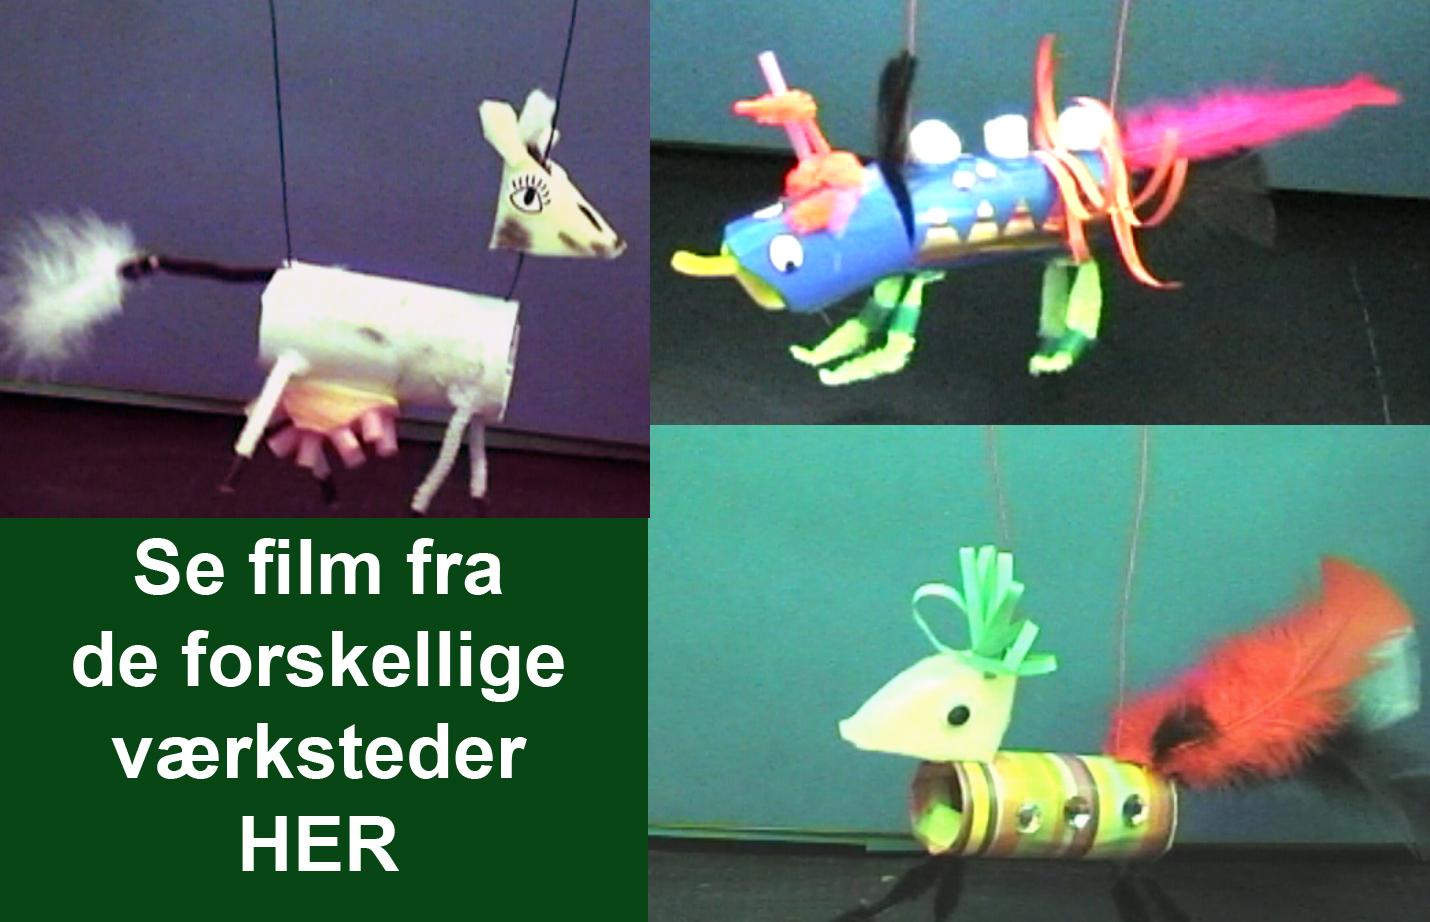 De små dukkefilm